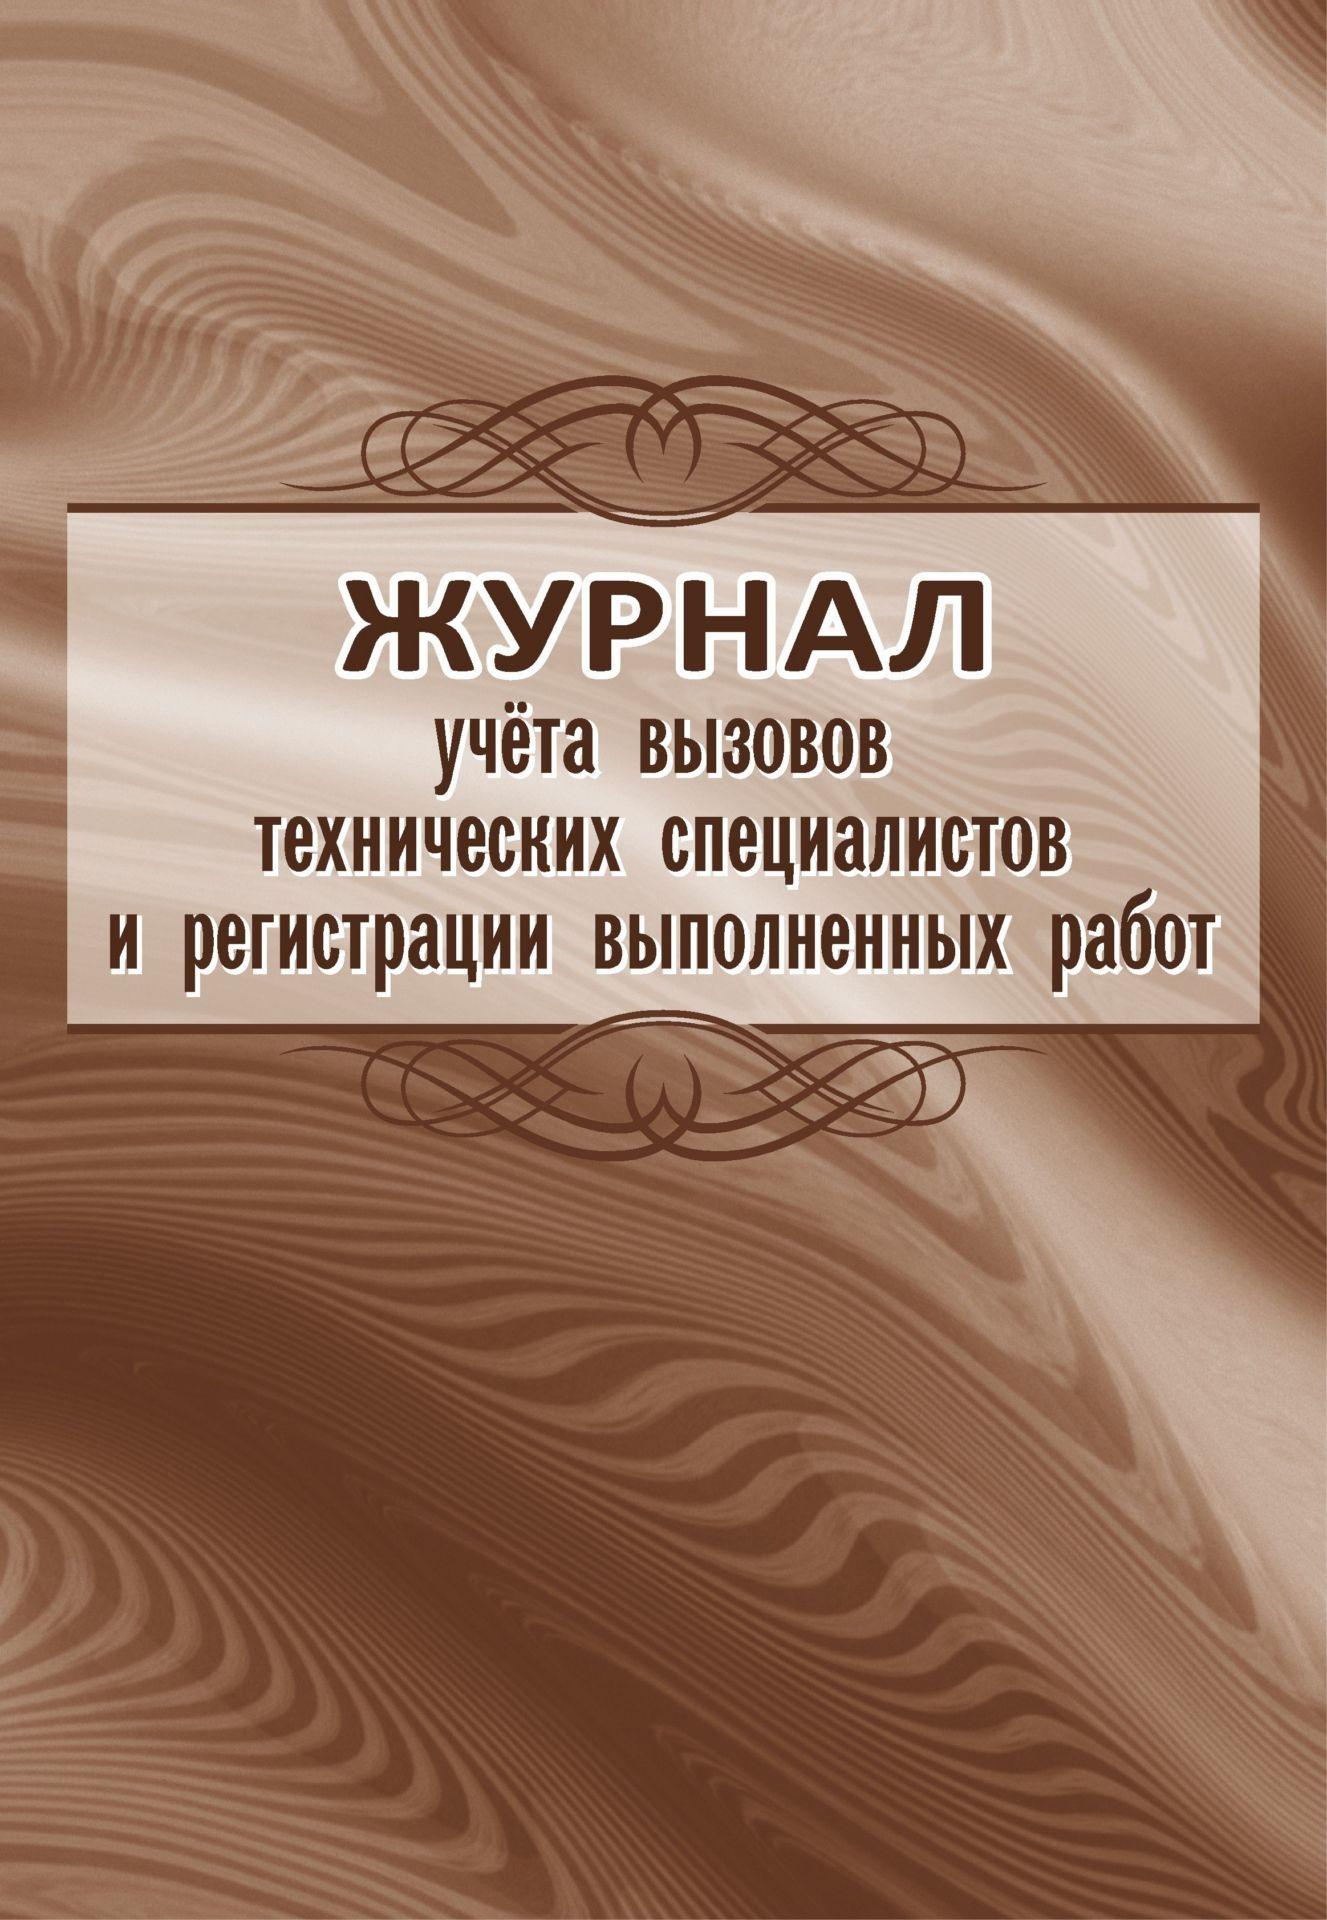 Журнал учёта вызовов технических специалистов и регистрации выполненных работ